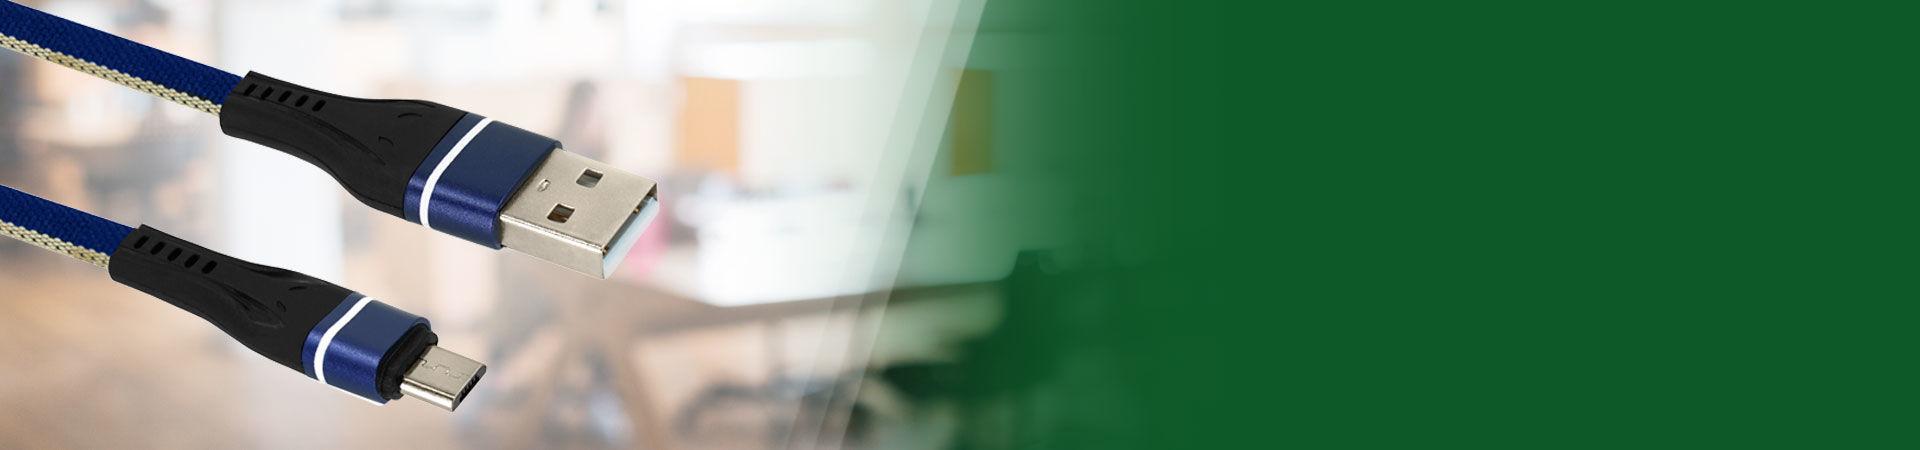 2 m Micro Usb şarj kablosu ile evinde, ofisinde günlük hayatında hızlı ve kolay veri transferi!